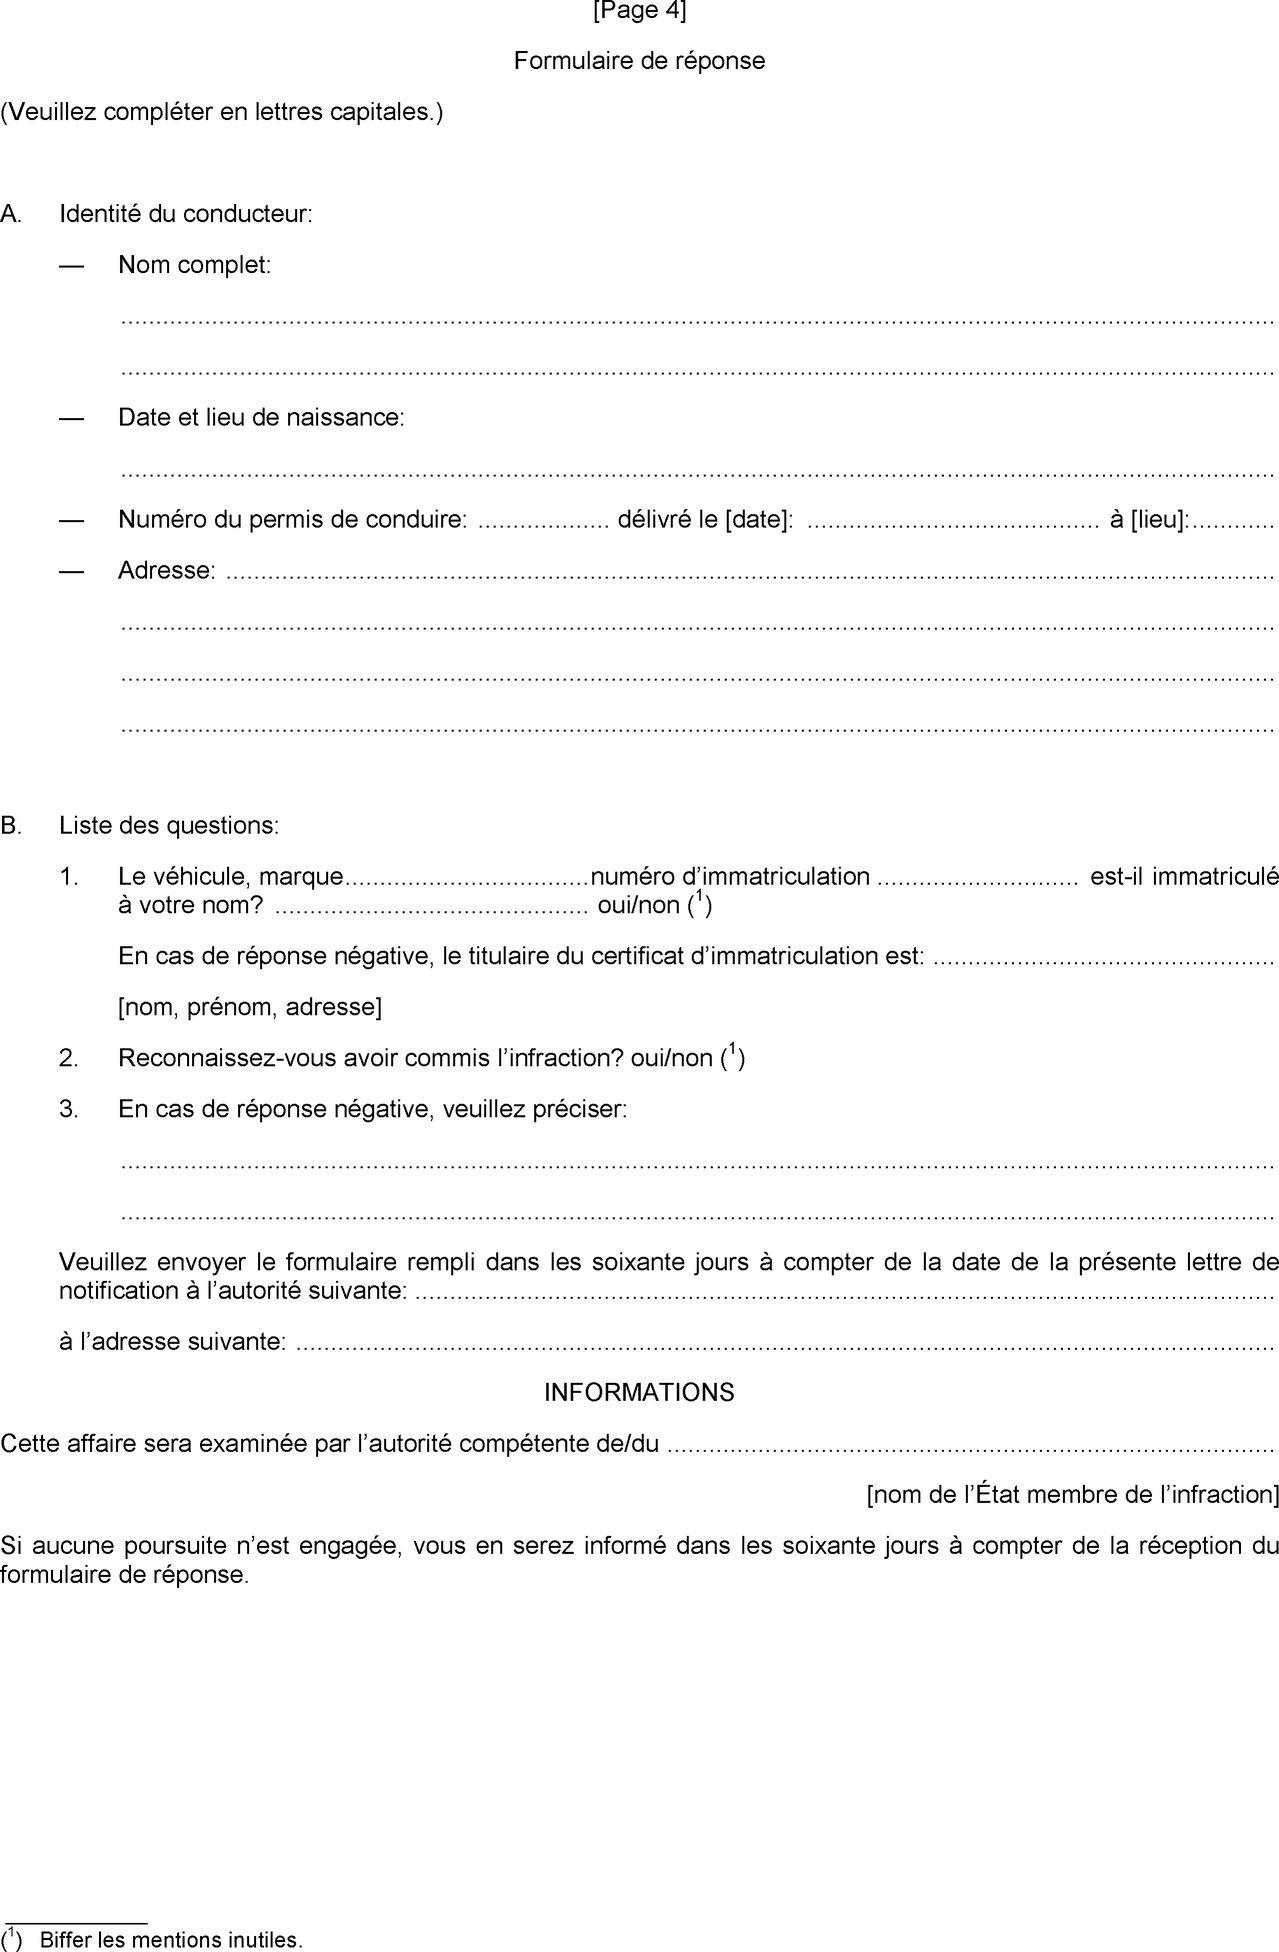 EUR-Lex - 32015L0413 - EN - EUR-Lex